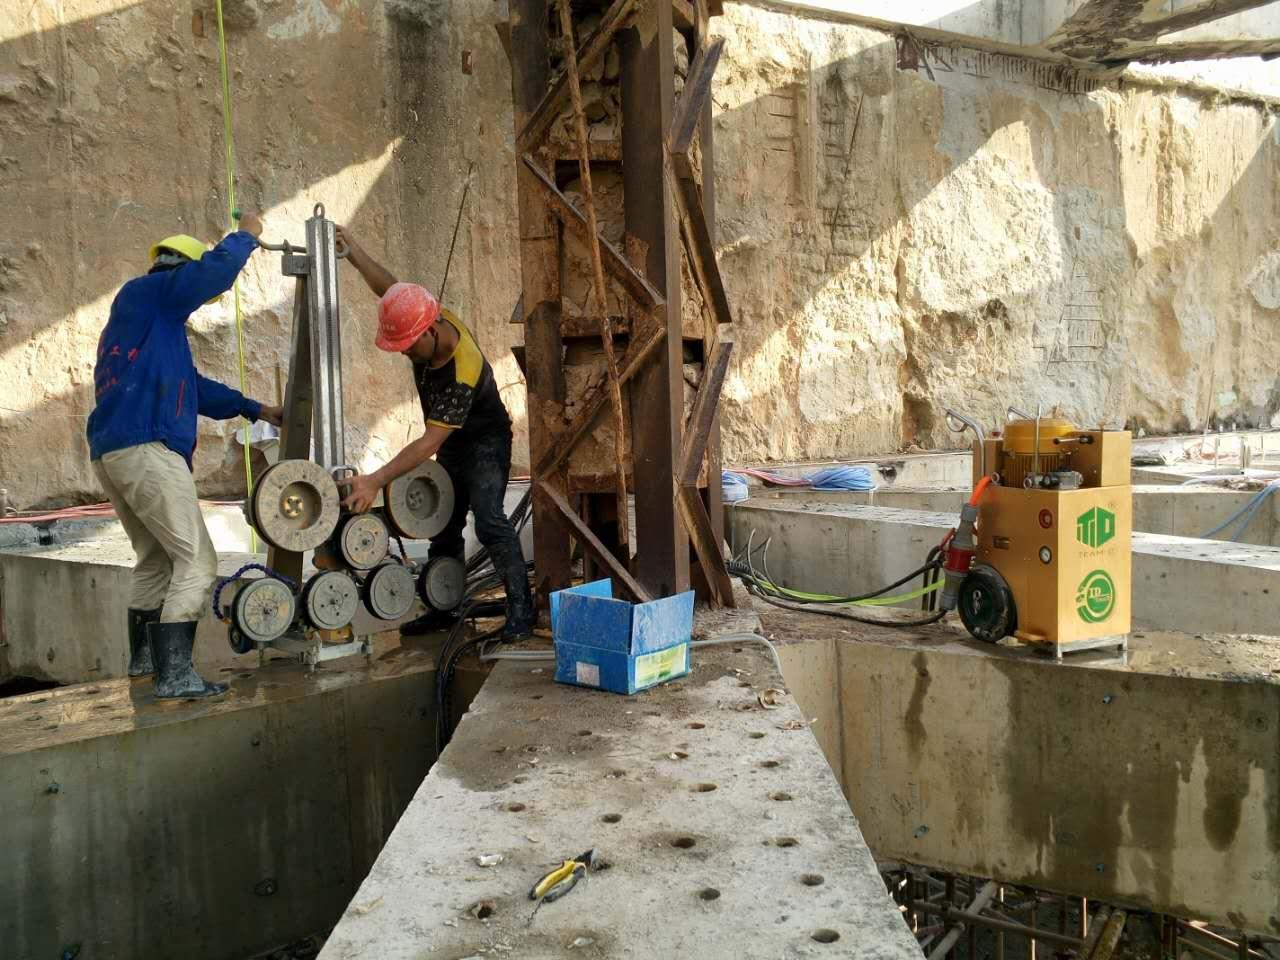 太原隧道支撑梁切割|支撑梁绳锯拆除工程案例